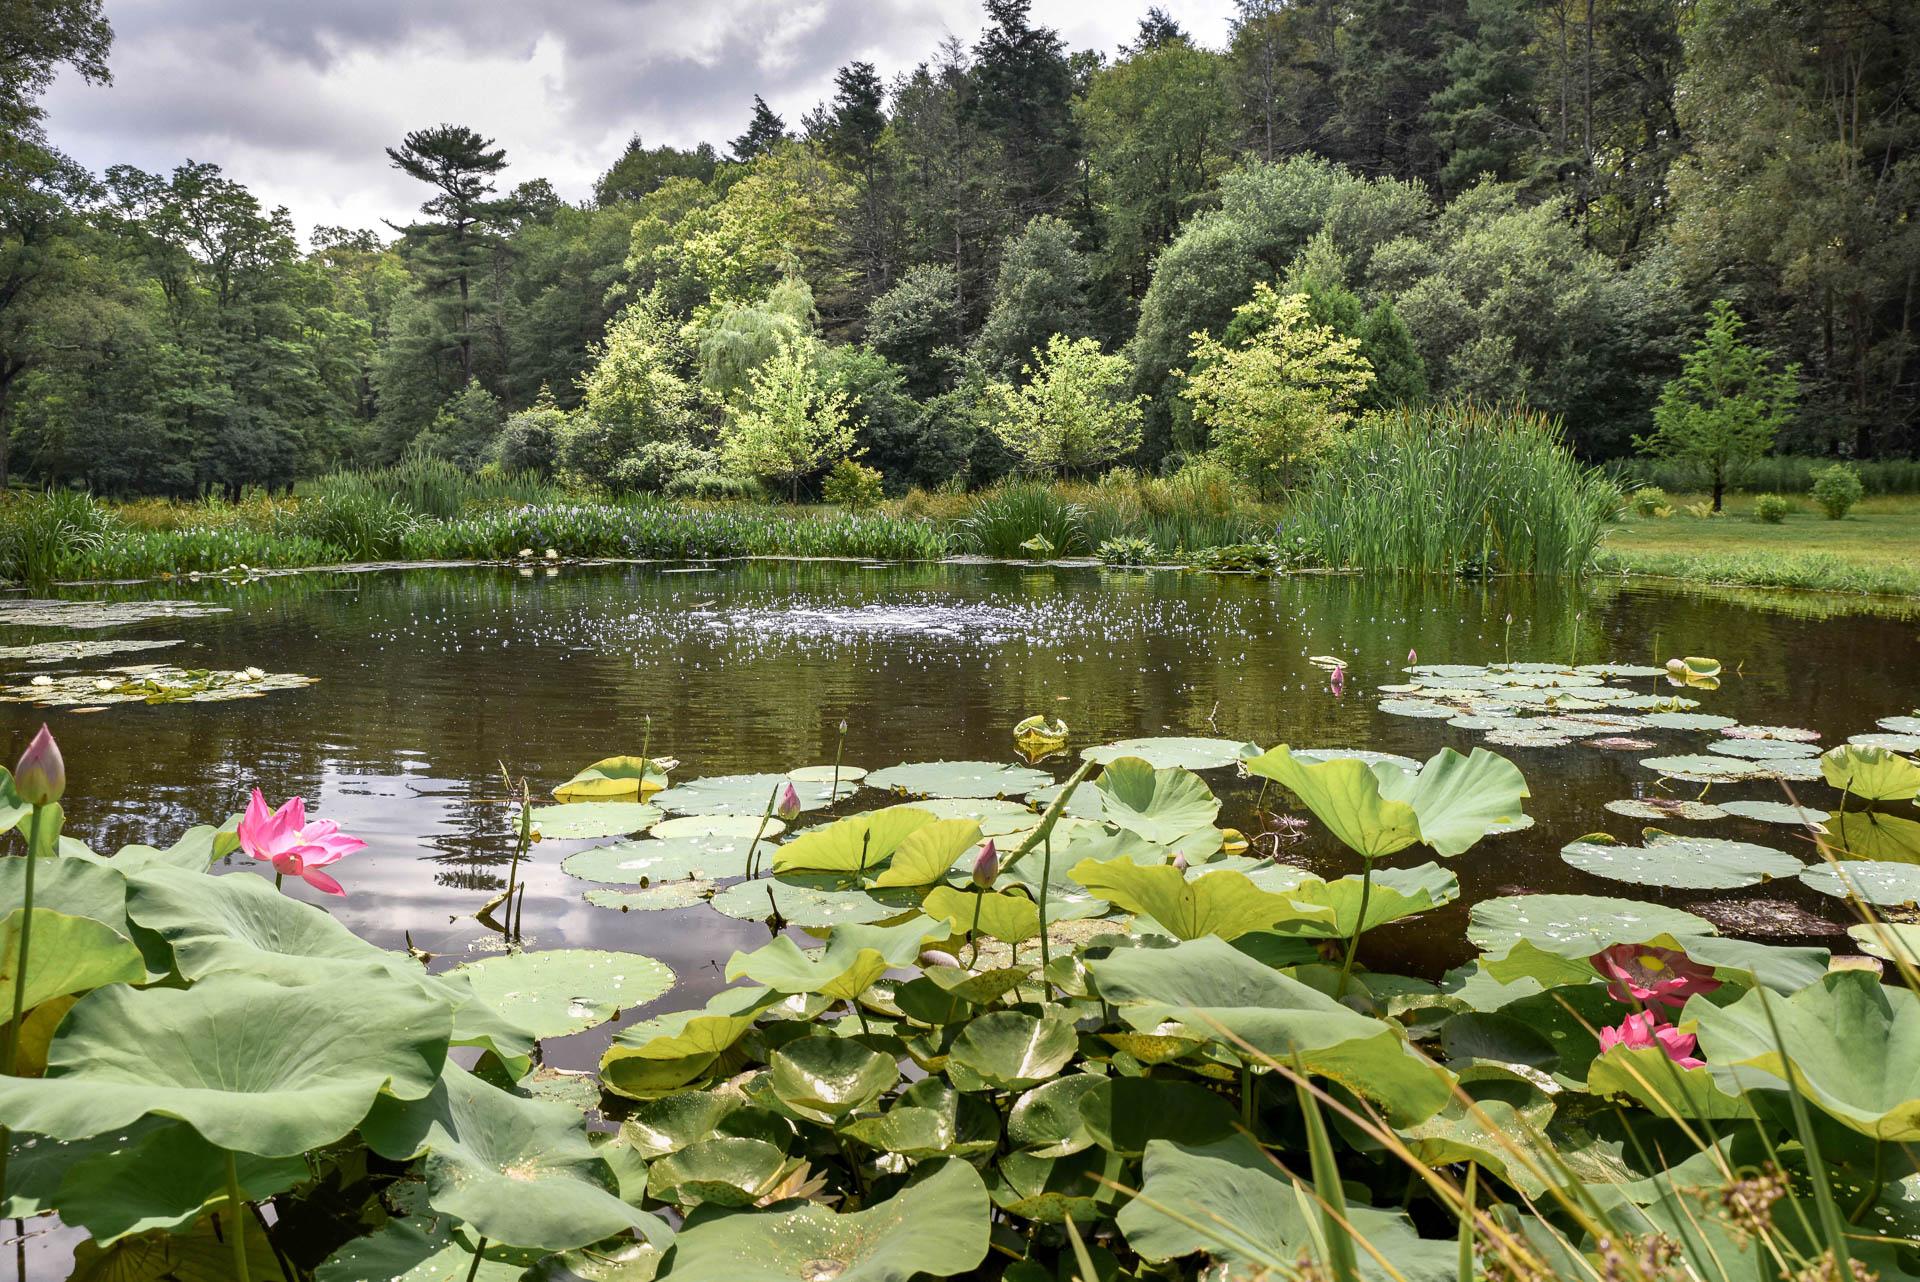 Larry landscape garden supply charlton ma for Estate landscape design